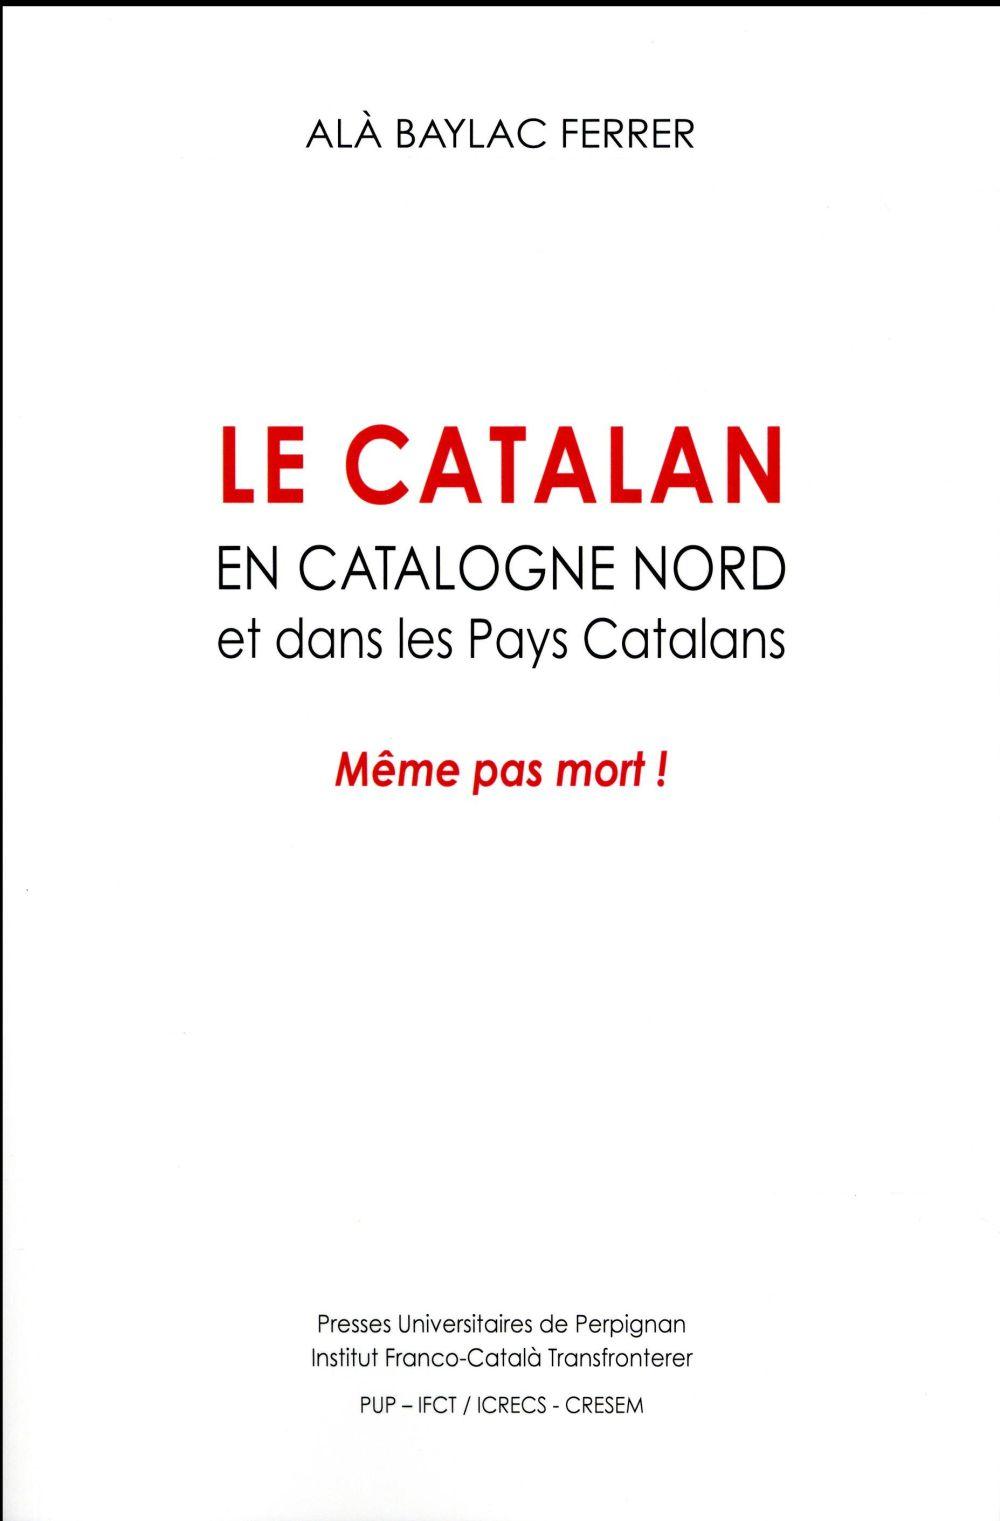 Le catalan en catalogne nord et dans les pays catalans - meme pas mort